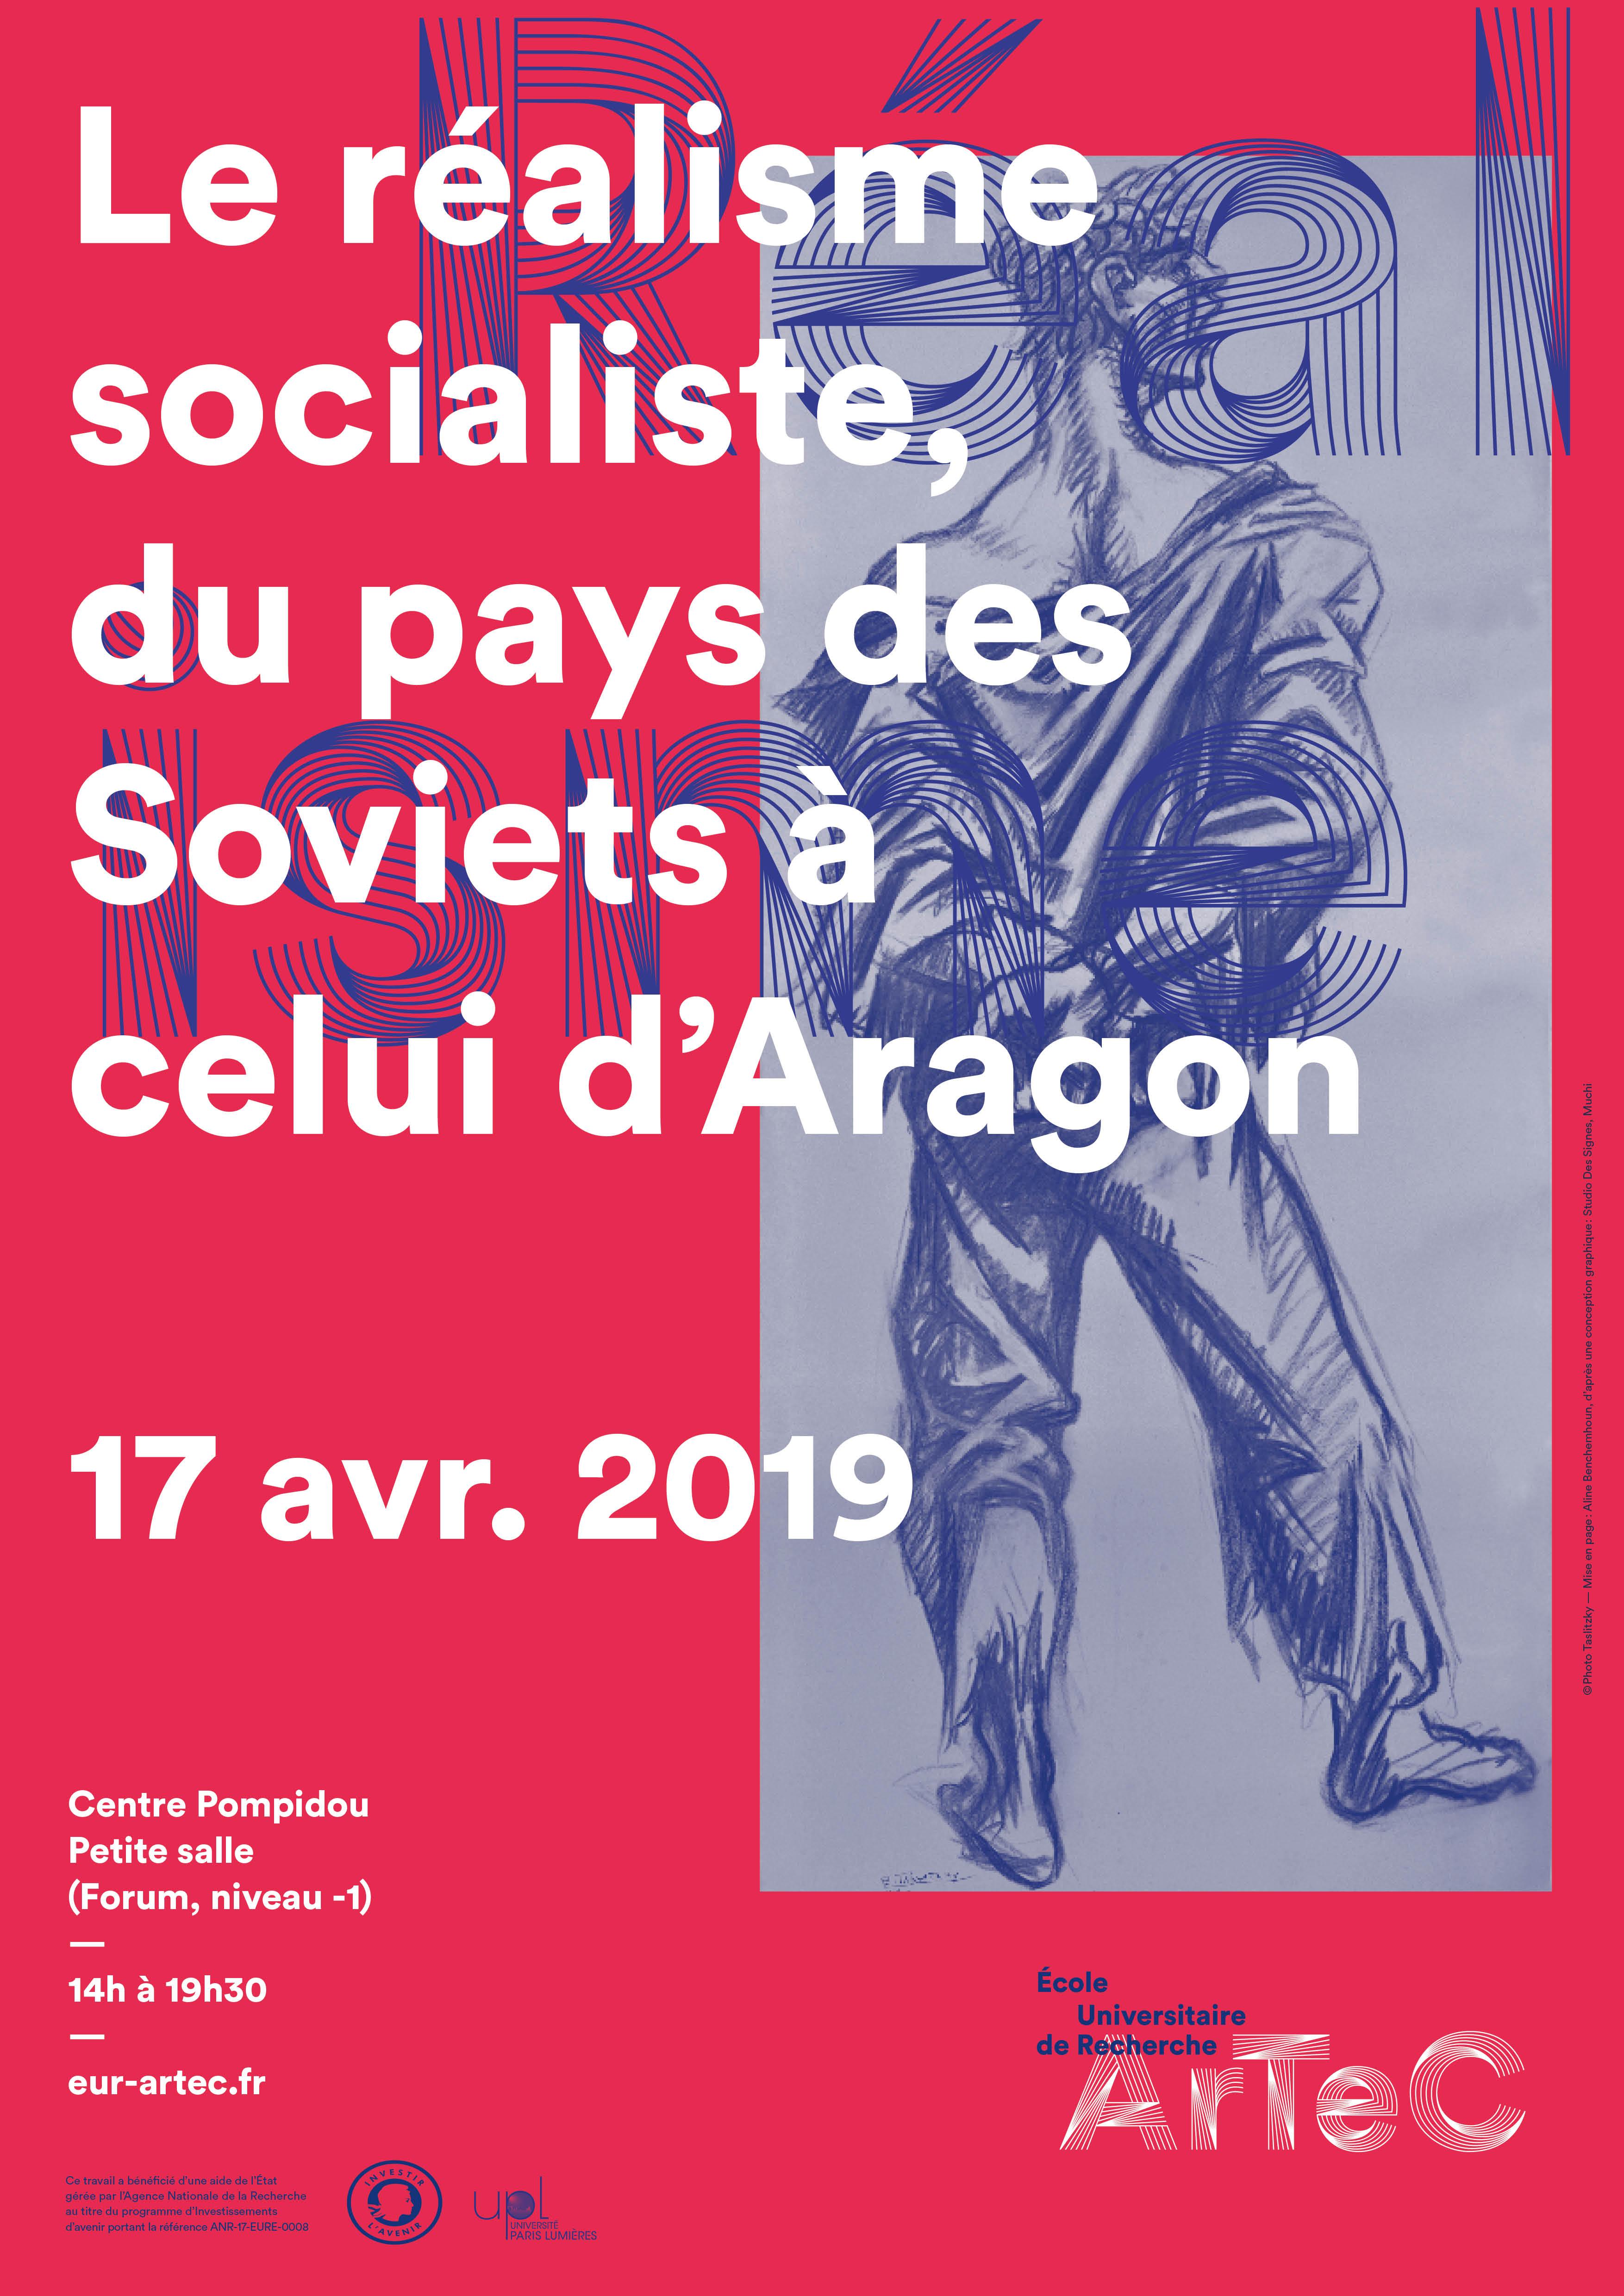 Le réalisme socialiste, 17 avril